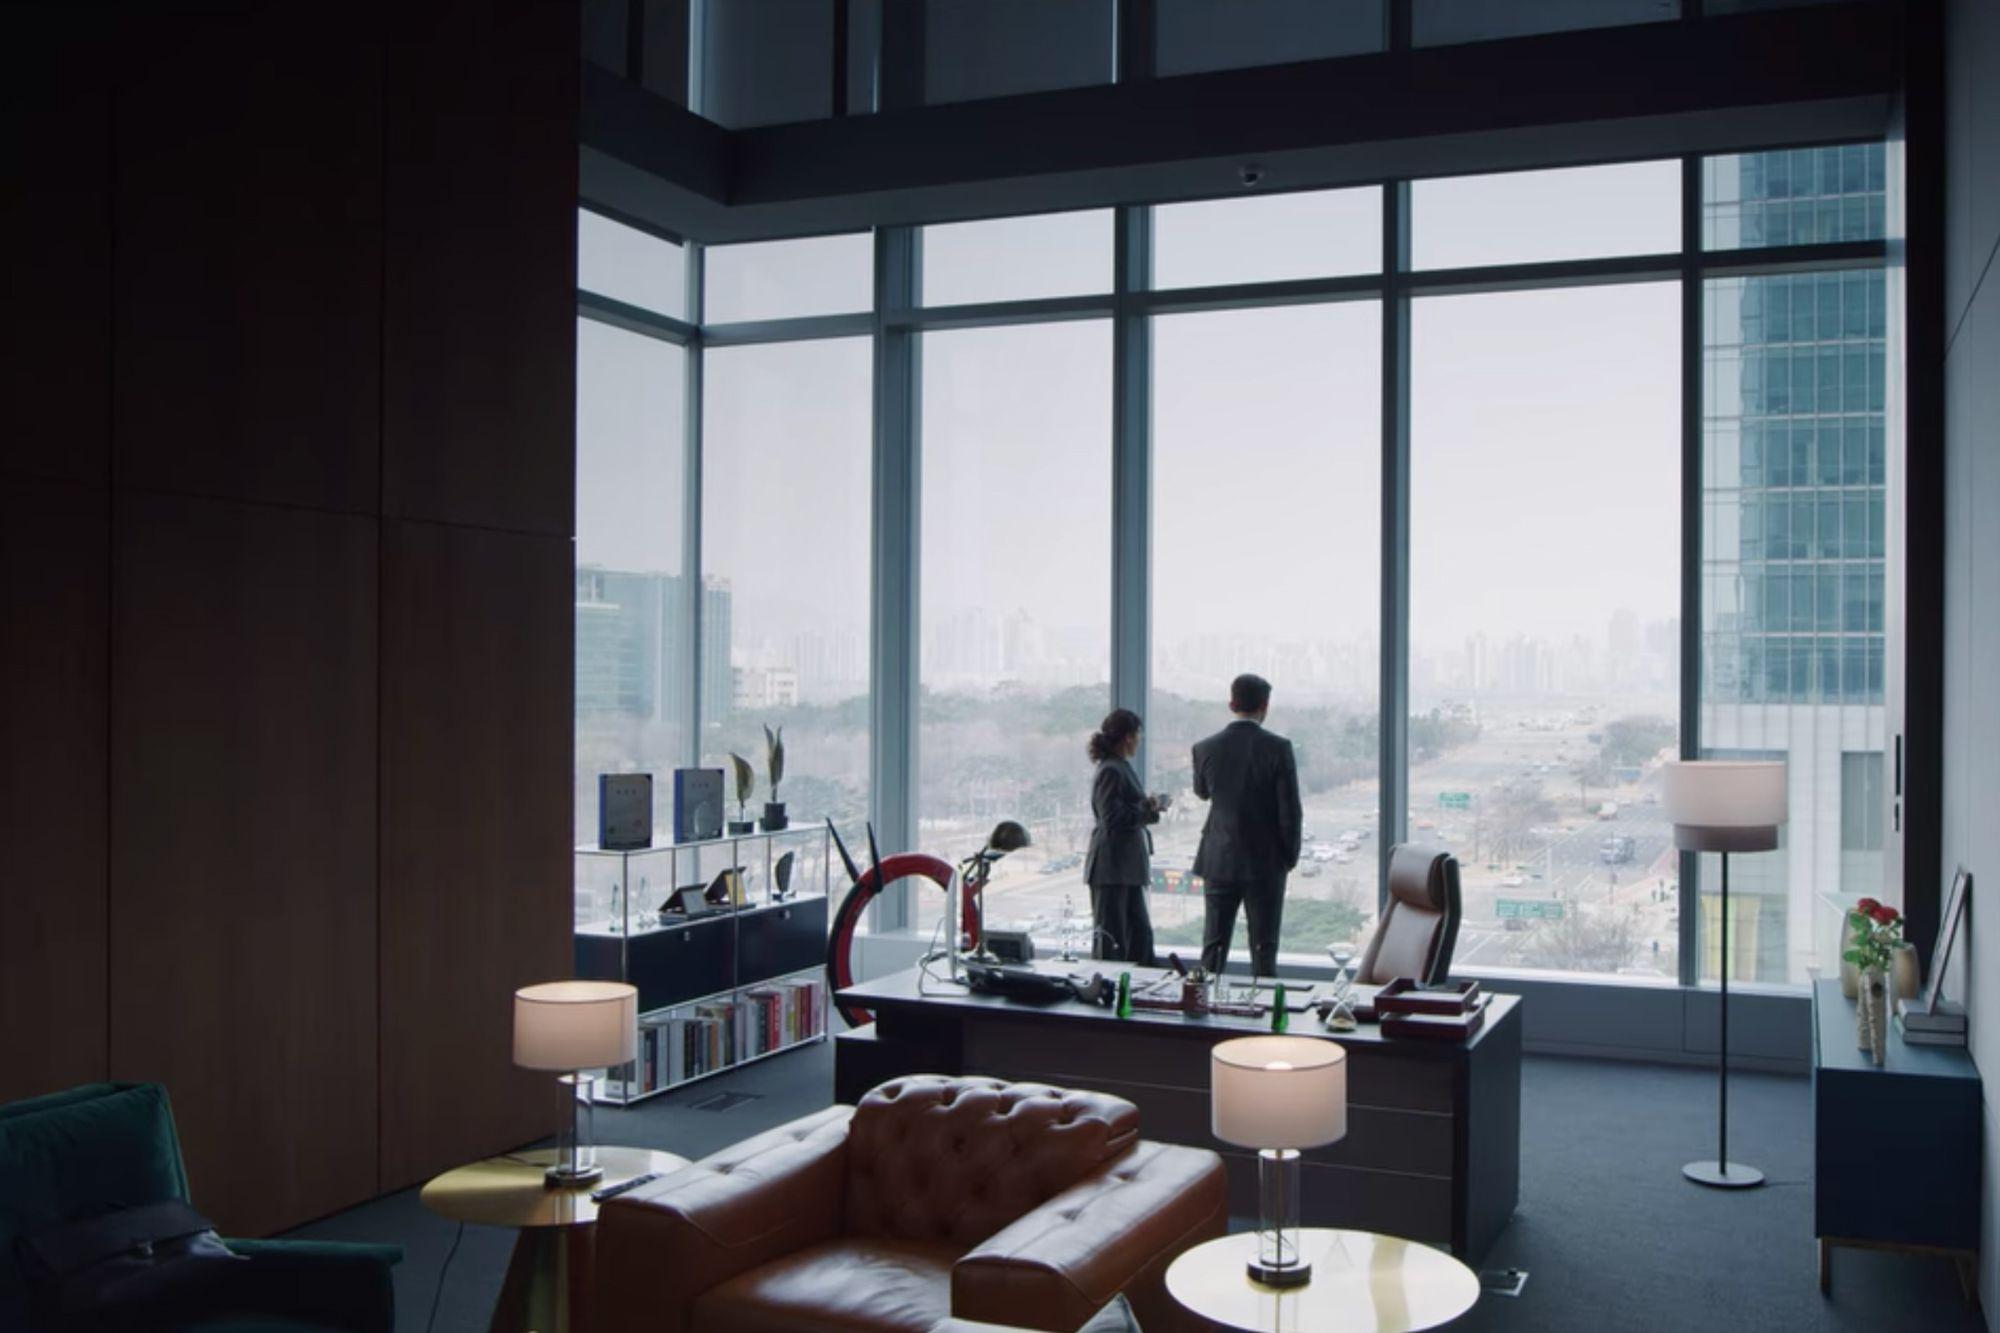 Biuro Janga Han-seoka w wieży Babel jest przepięknie udekorowane luksusowymi skórzanymi meblami i stylowymi elementami. Zdjęcie: dzięki uprzejmości Netflix